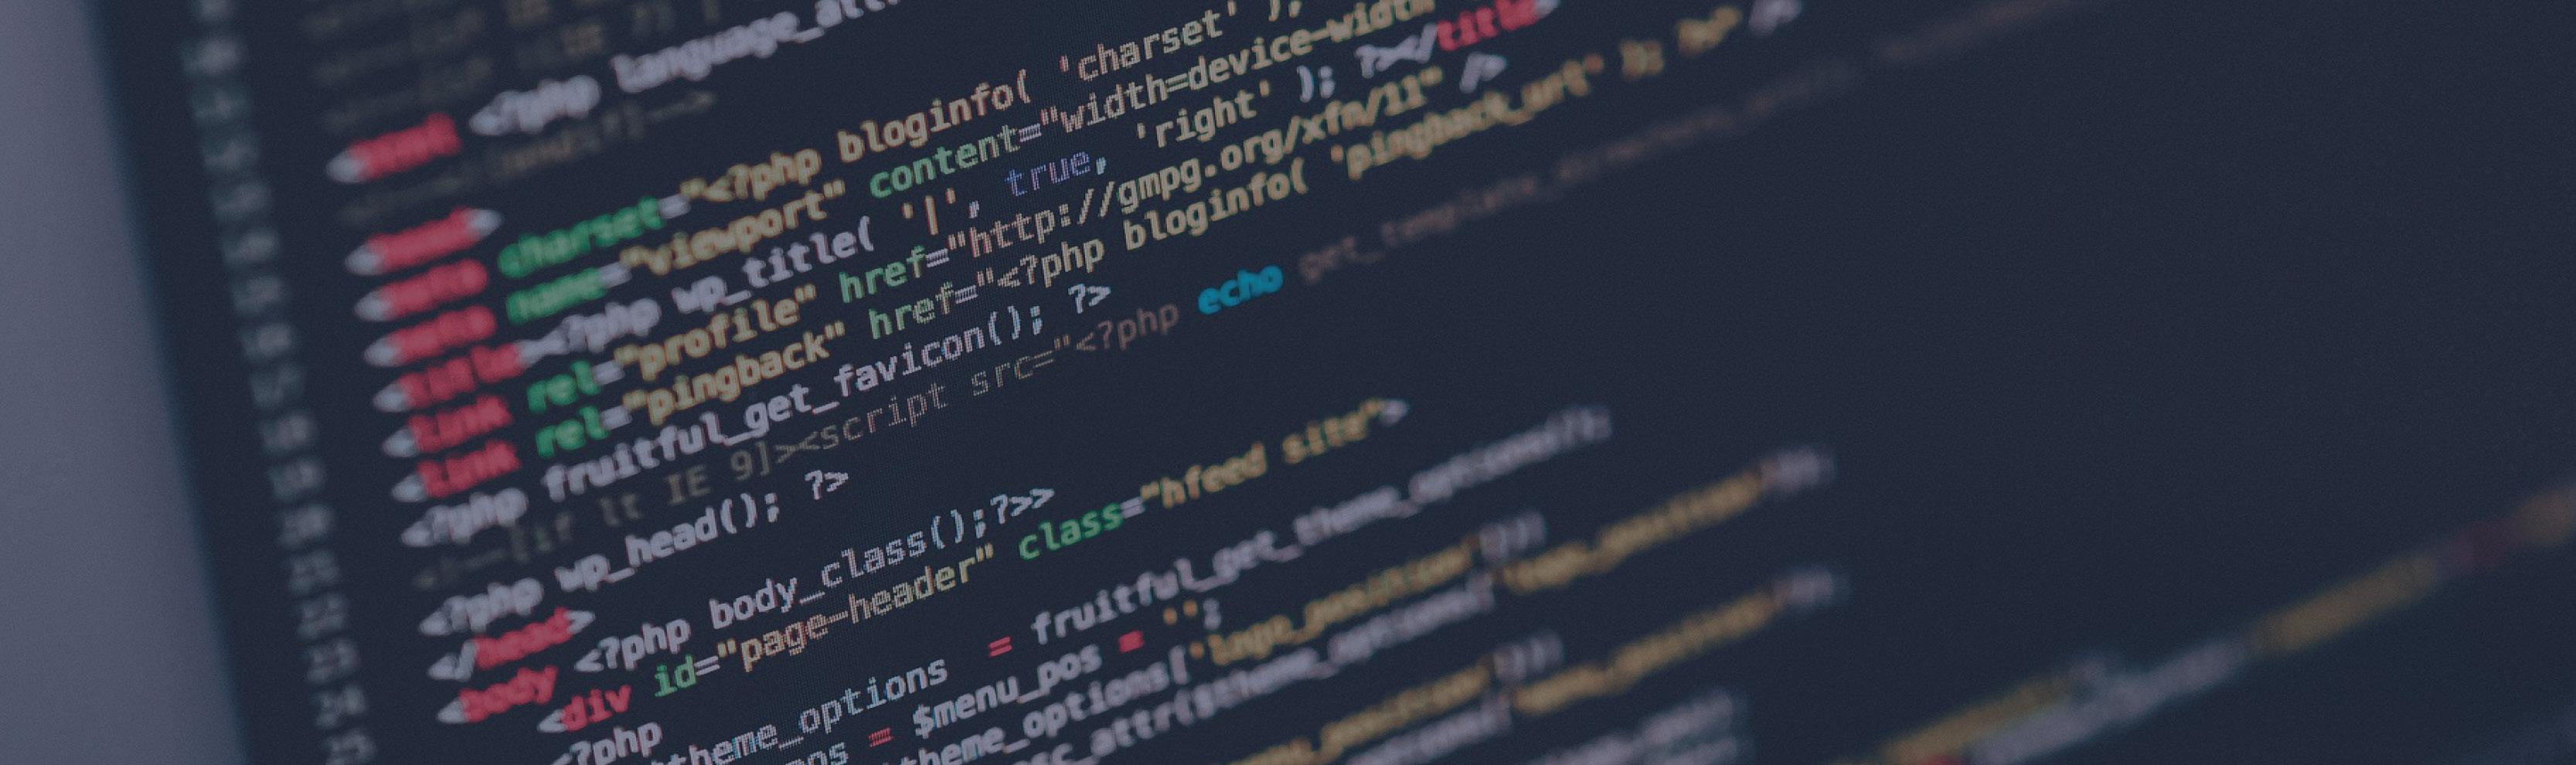 Traducción de páginas web en HTML II: el texto traducible